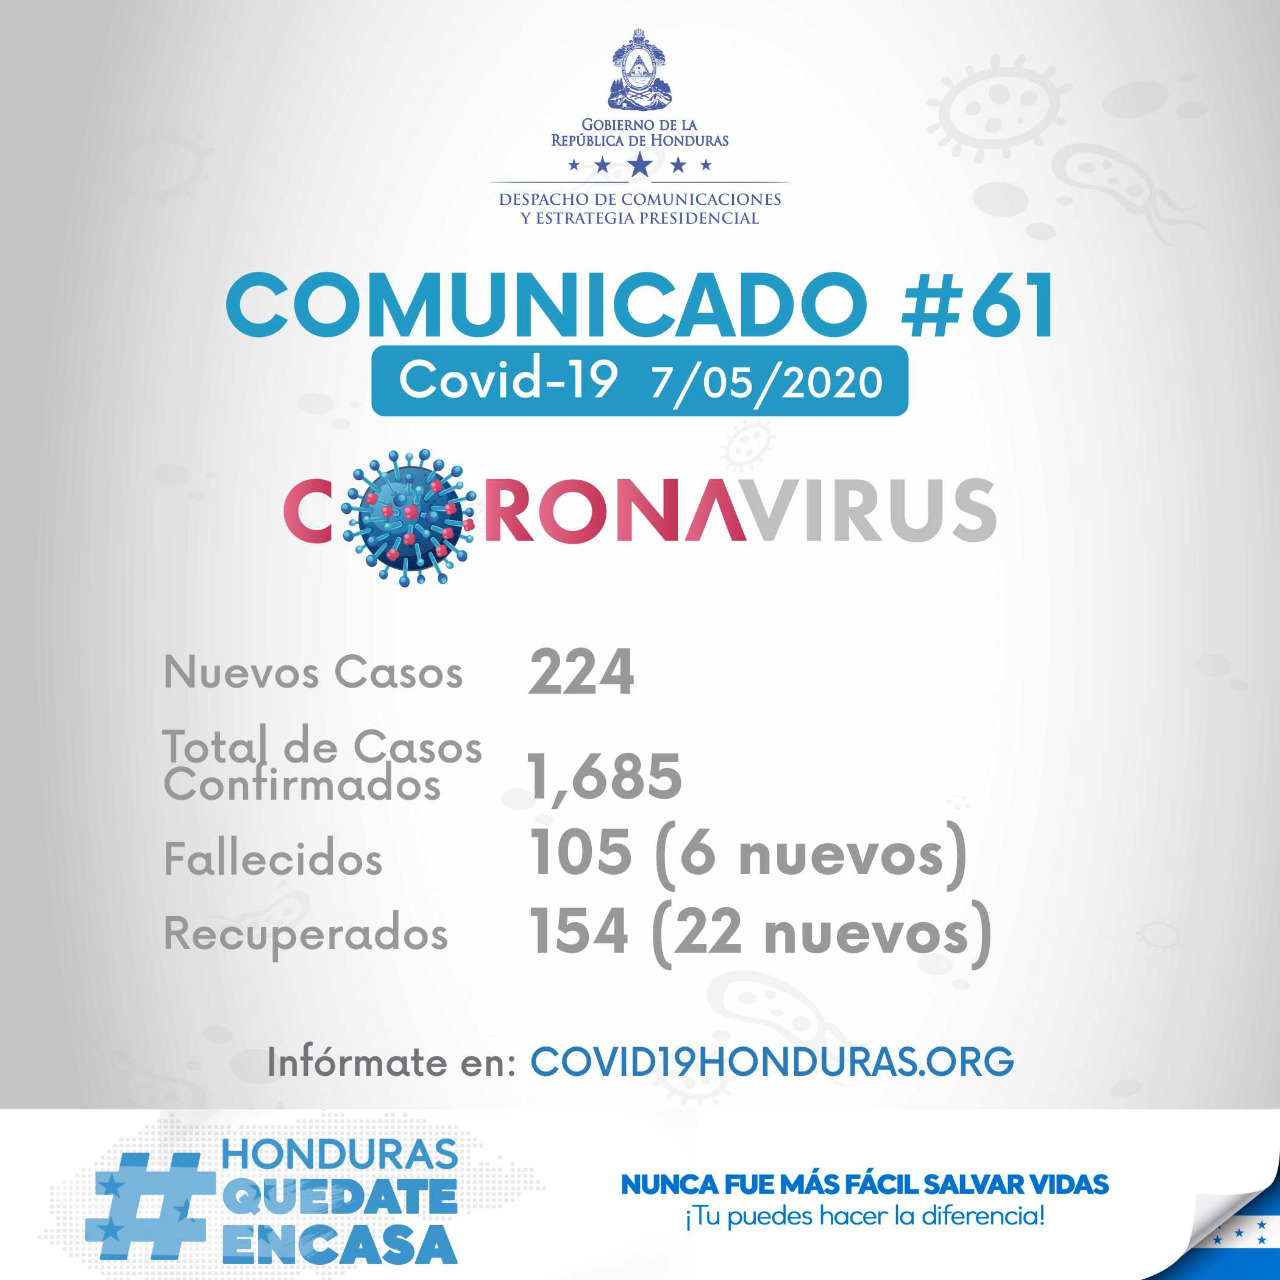 De 527 pruebas aplicadas hoy en Honduras 224 dan positivas de COVID-19